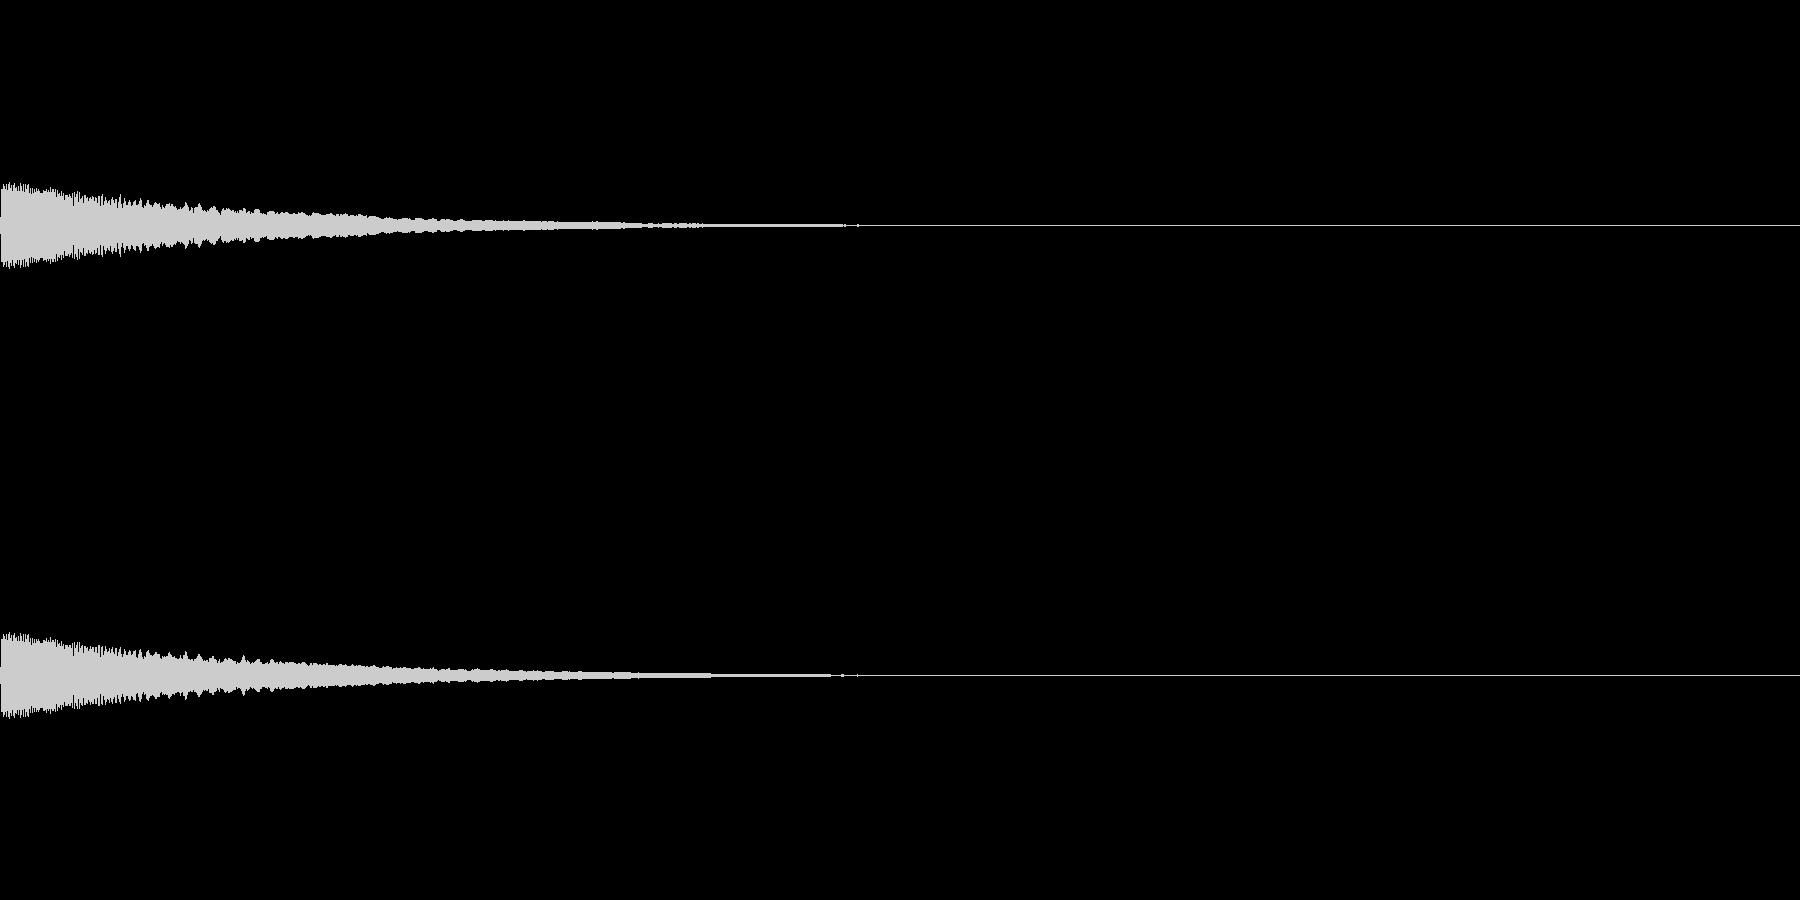 閃く/アイデア/発明/ガード/キラーンの未再生の波形